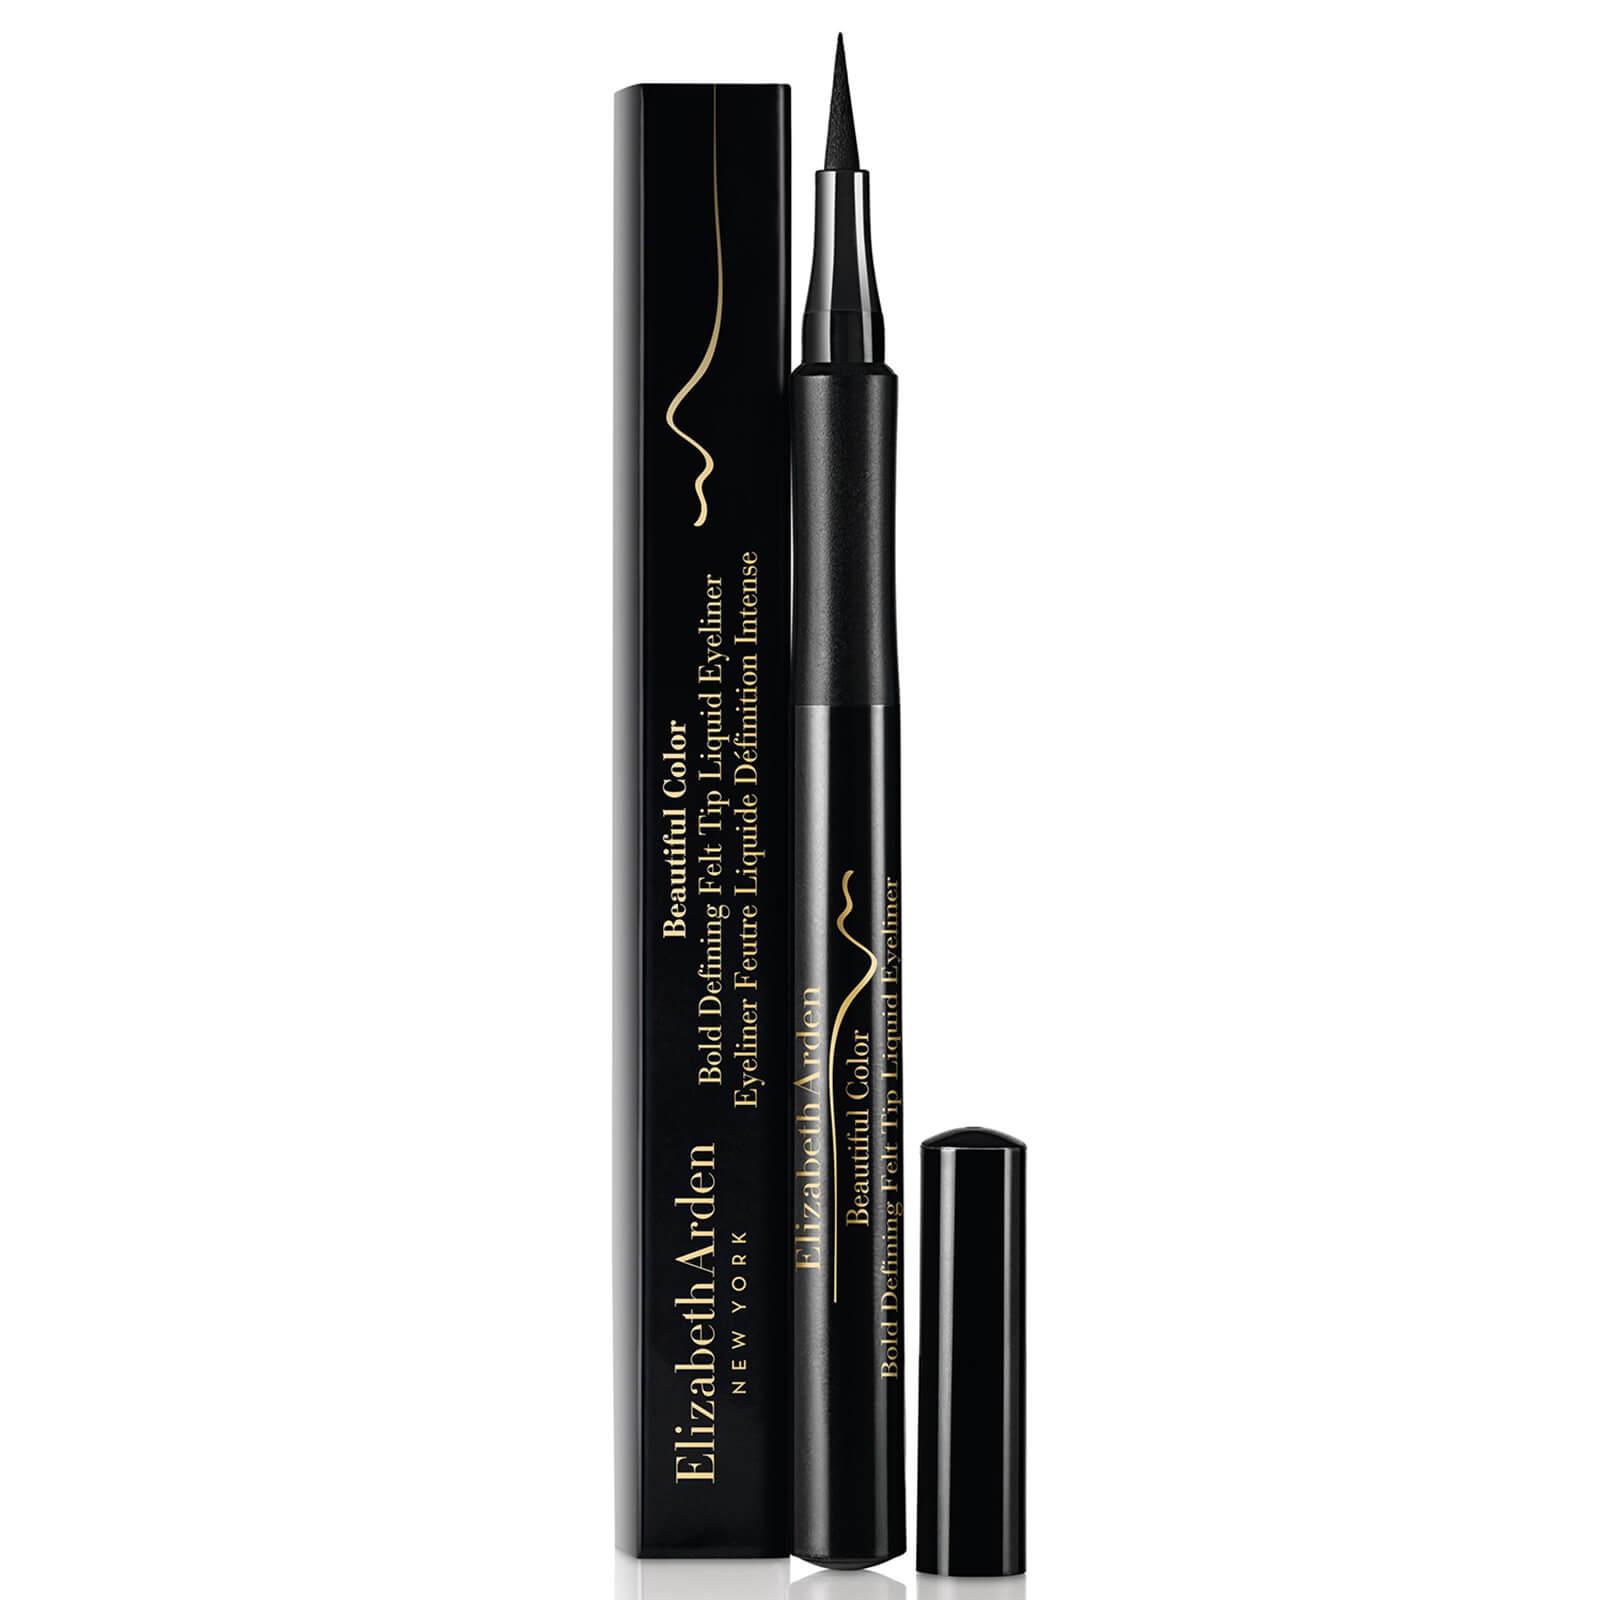 Купить Жидкая подводка-фломастер Elizabeth Arden Beautiful Colour Bold Defining Felt Tip Liquid Eye Liner - Seriously Black 1, 2 мл